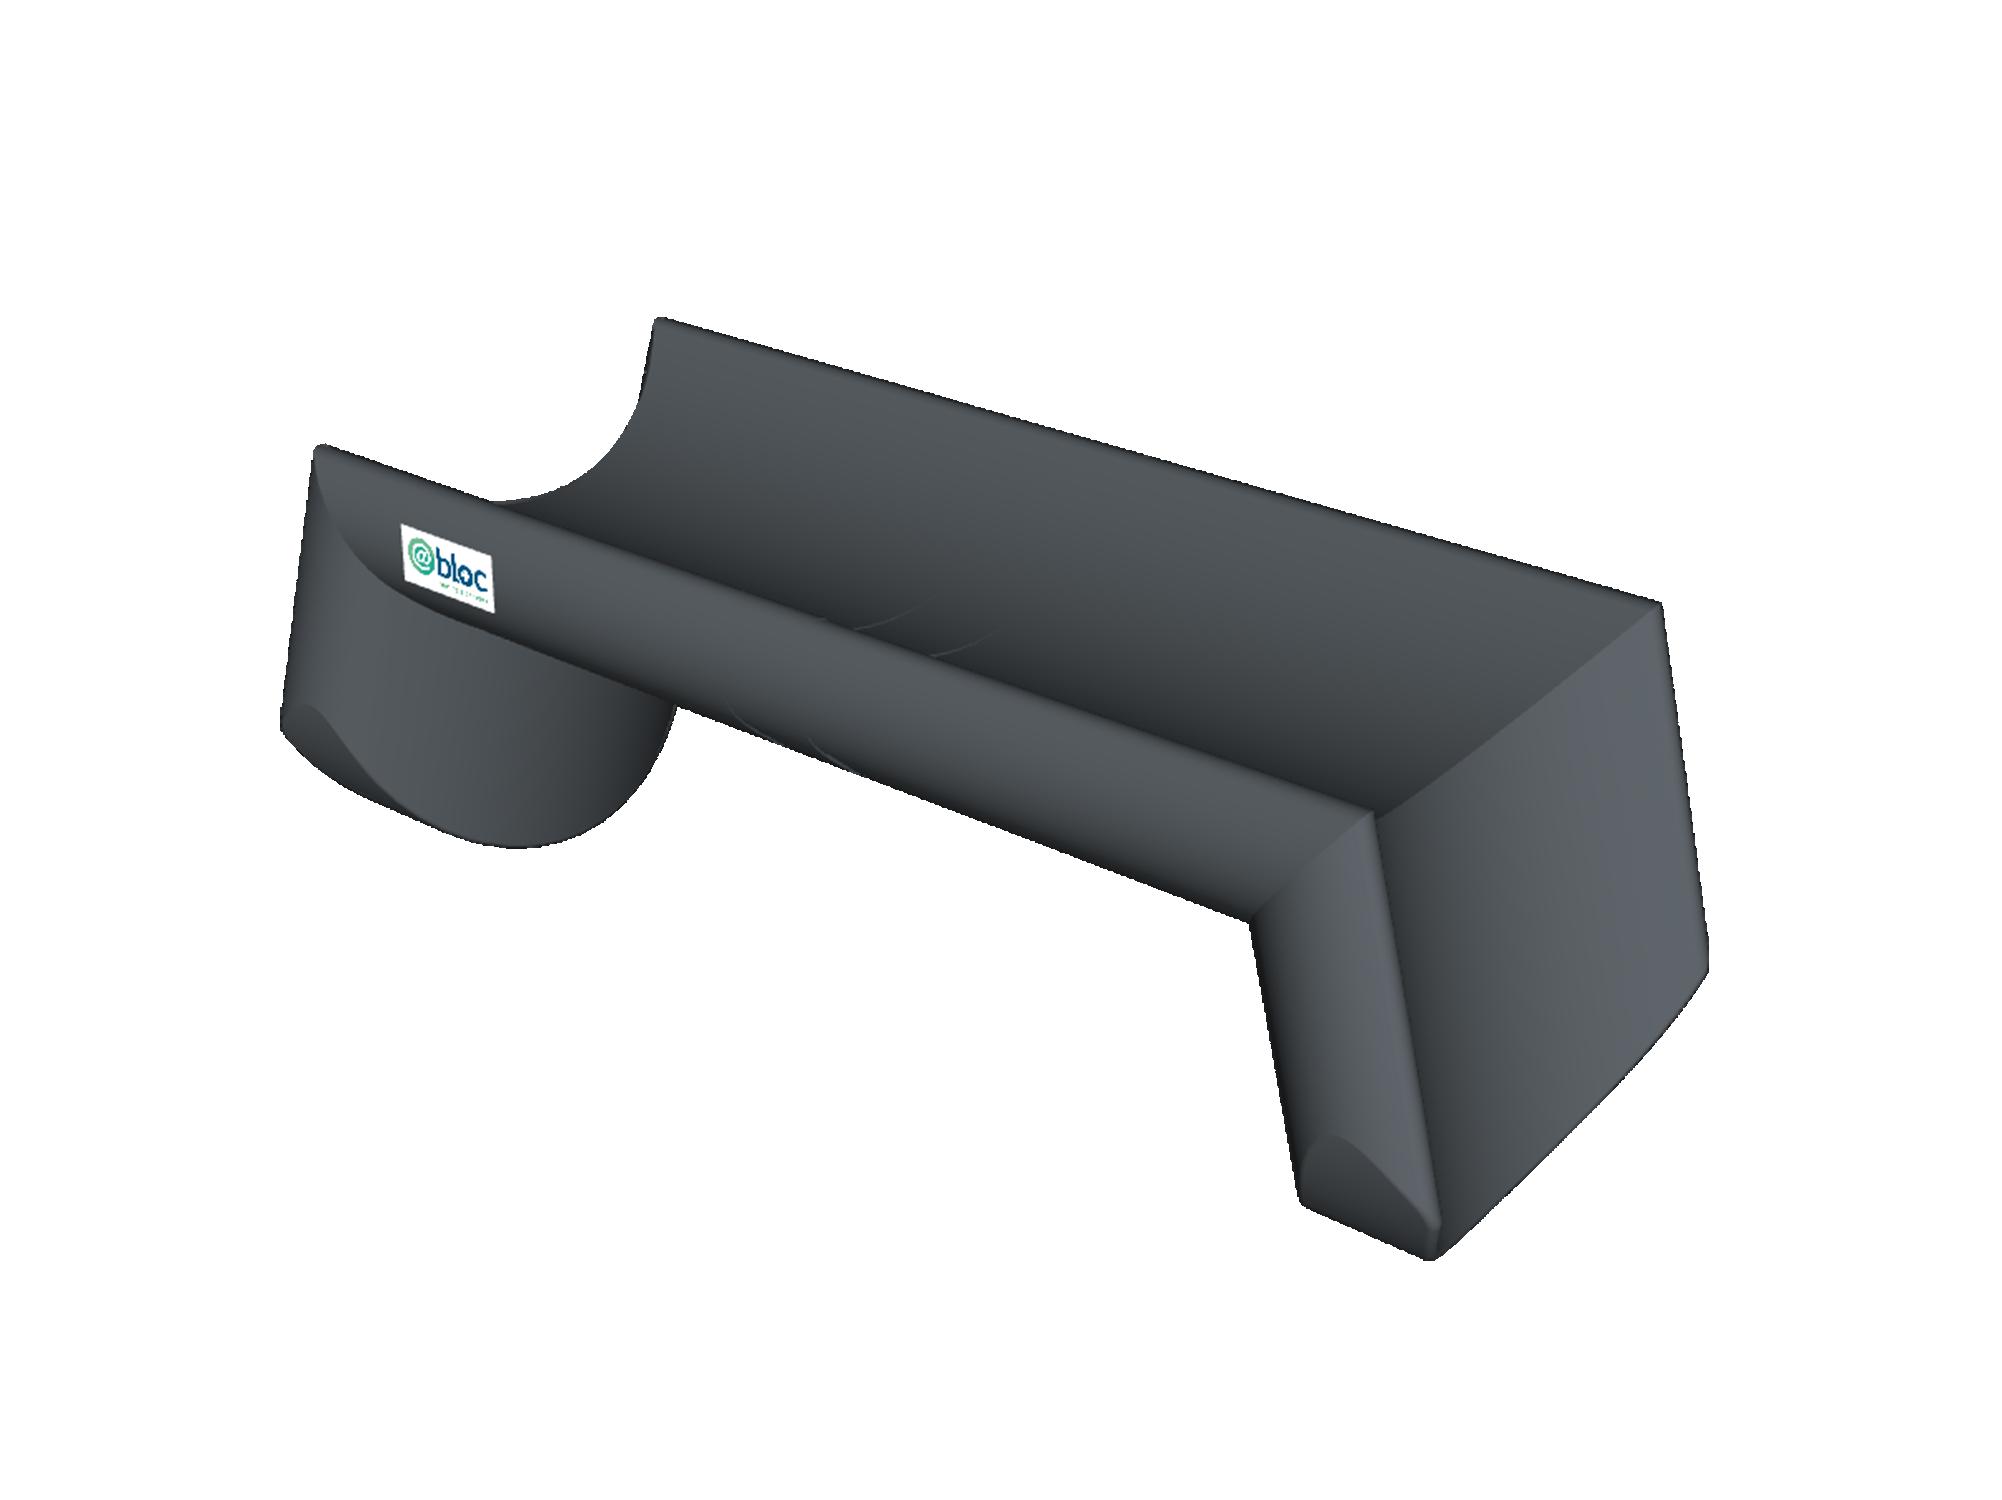 Coussin pour appui-bras en décubitus latéral